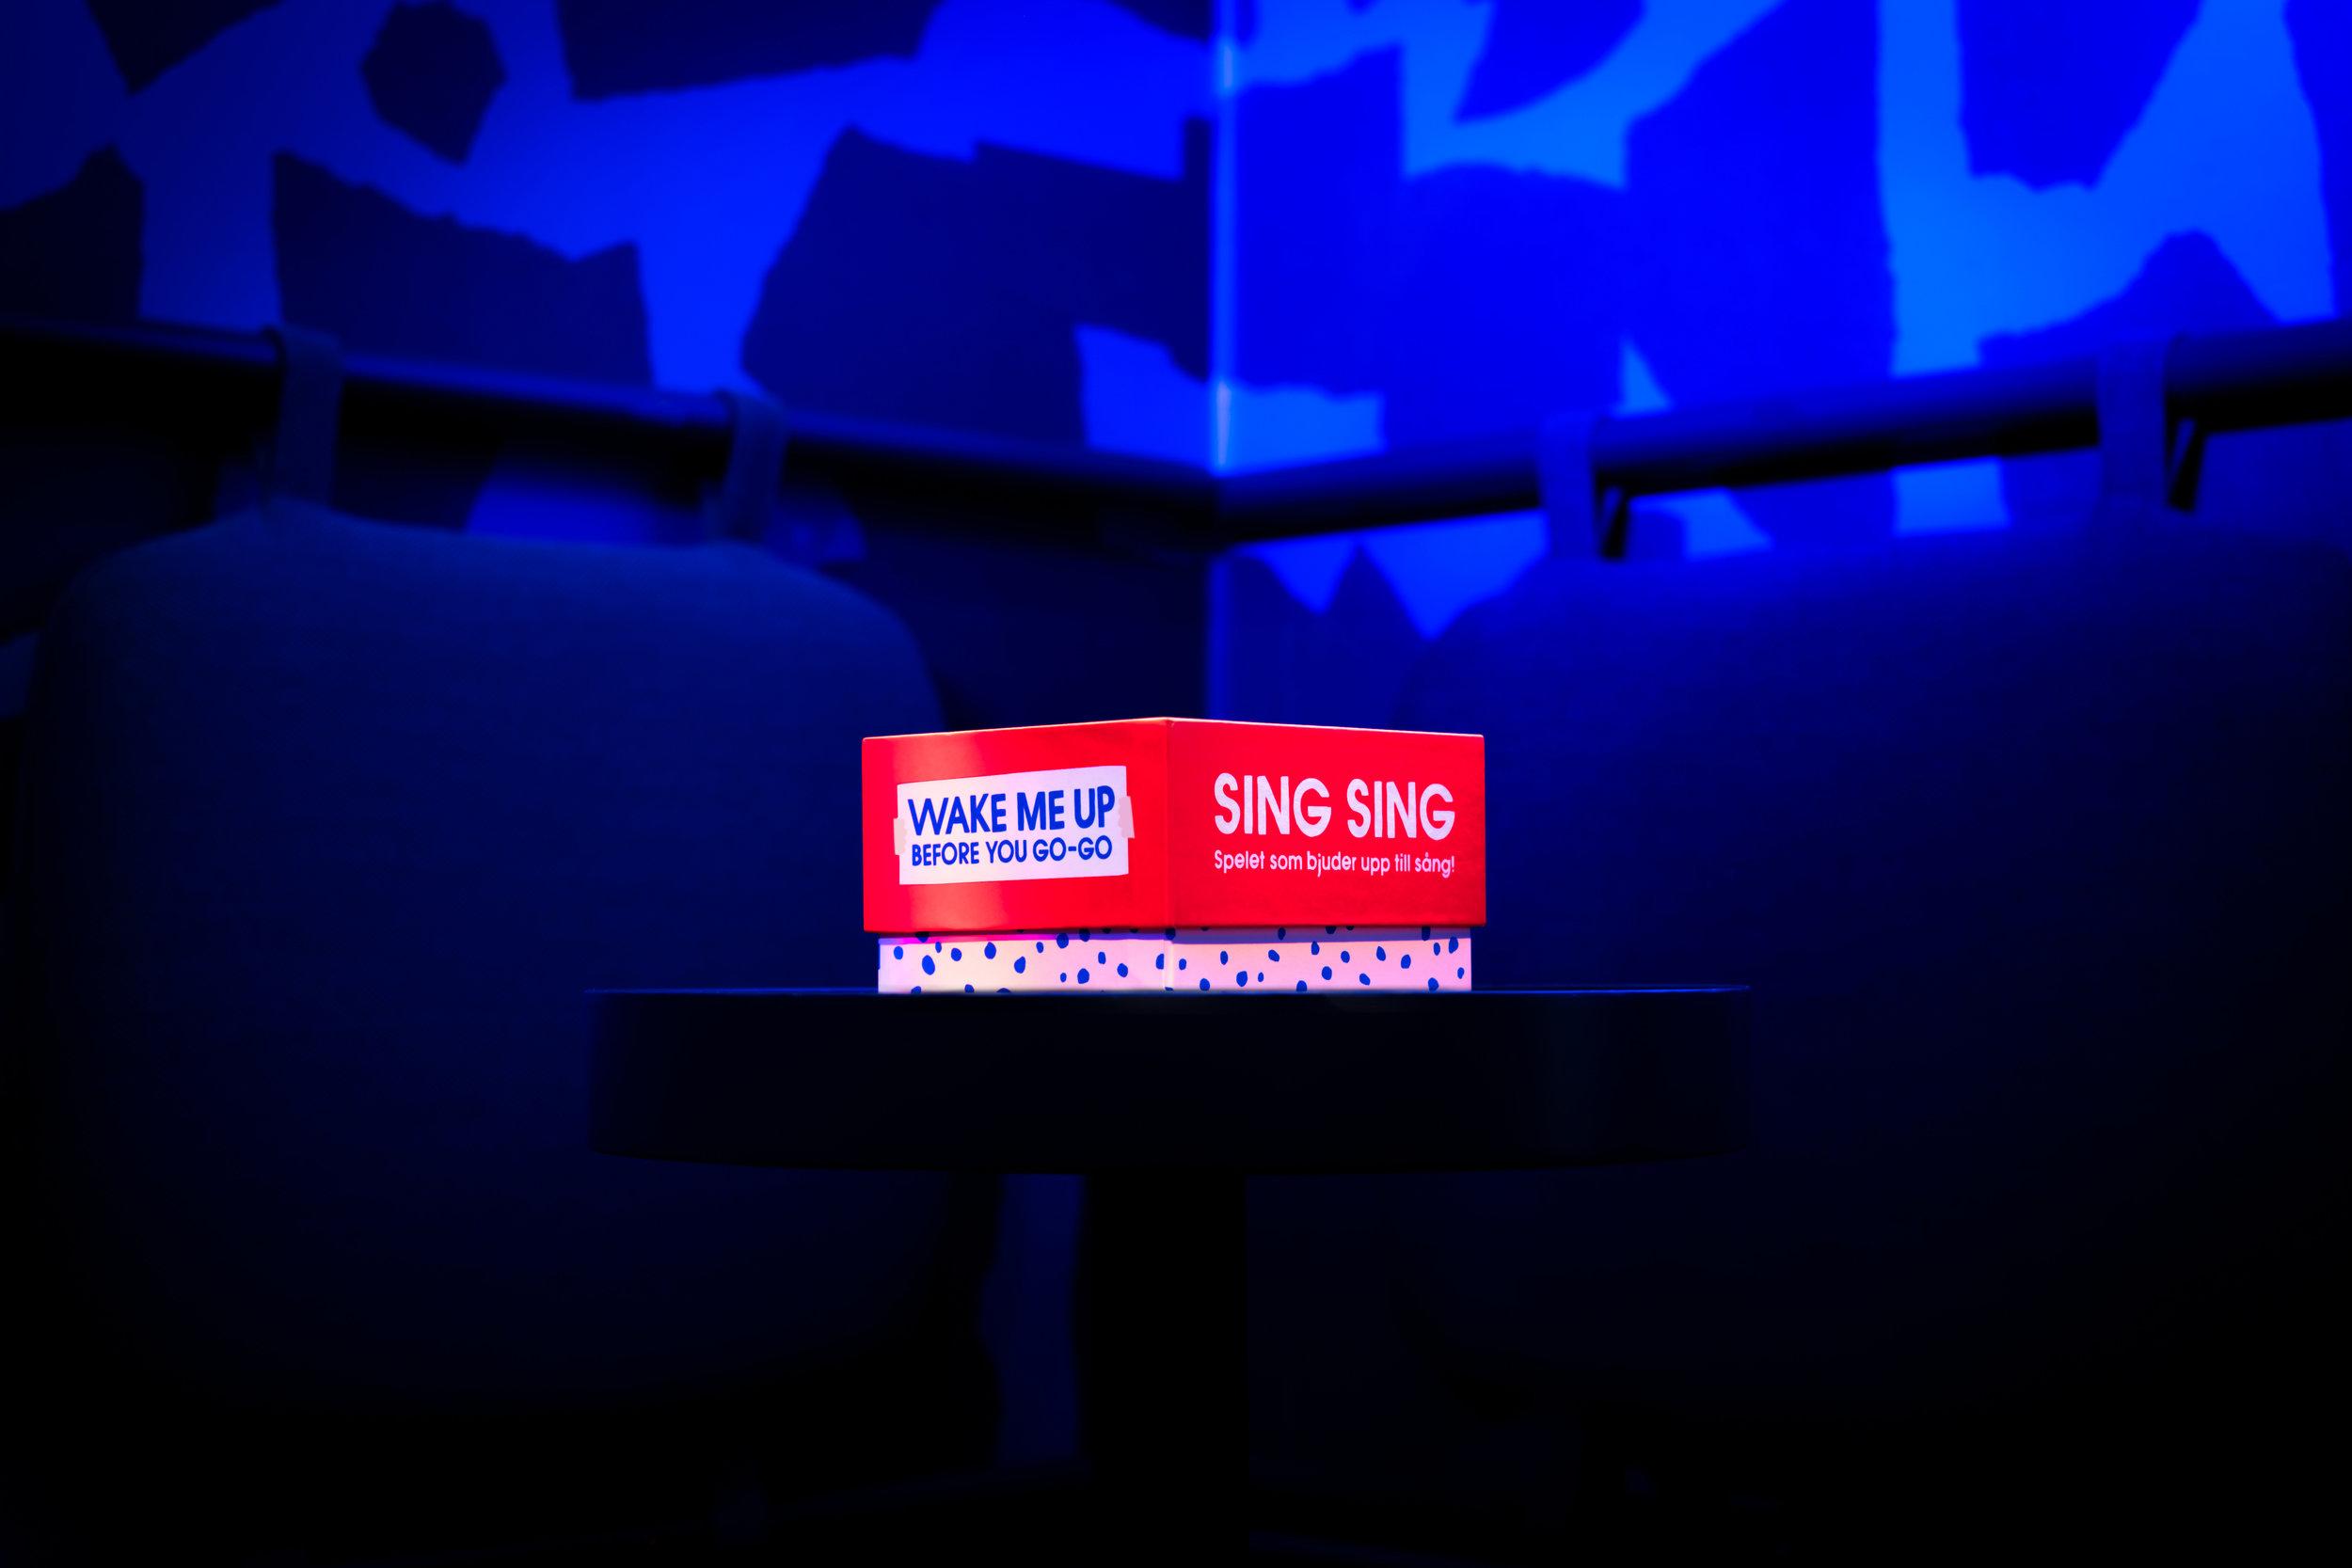 SingSing-0031_fixed.jpg